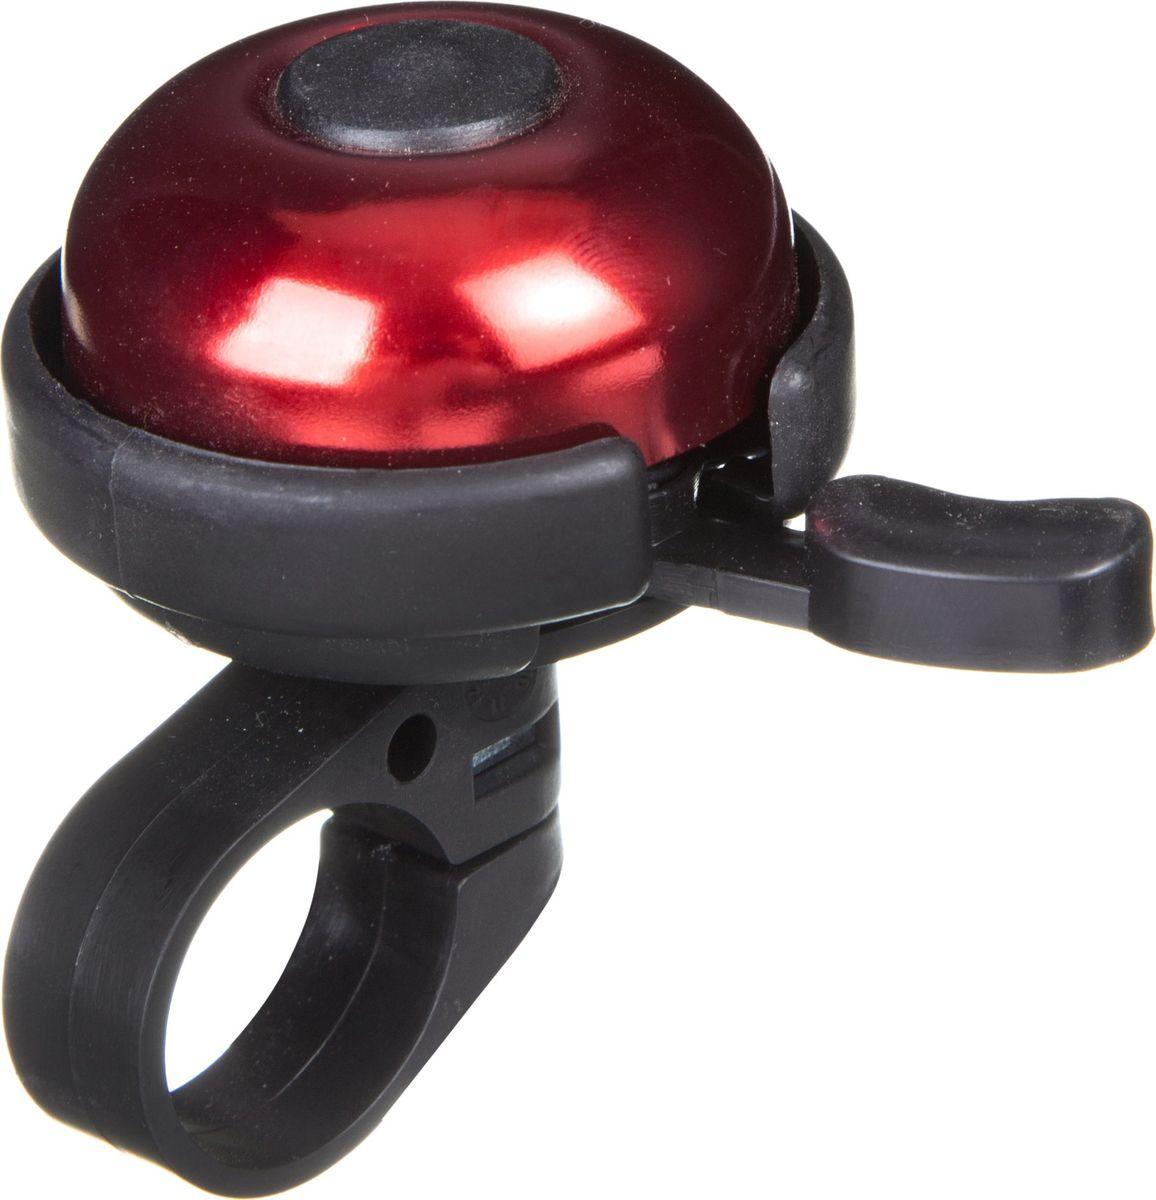 Звонок велосипедный STG 31А-05, цвет: красный, черный насос велосипедный stg gp 61s ручной